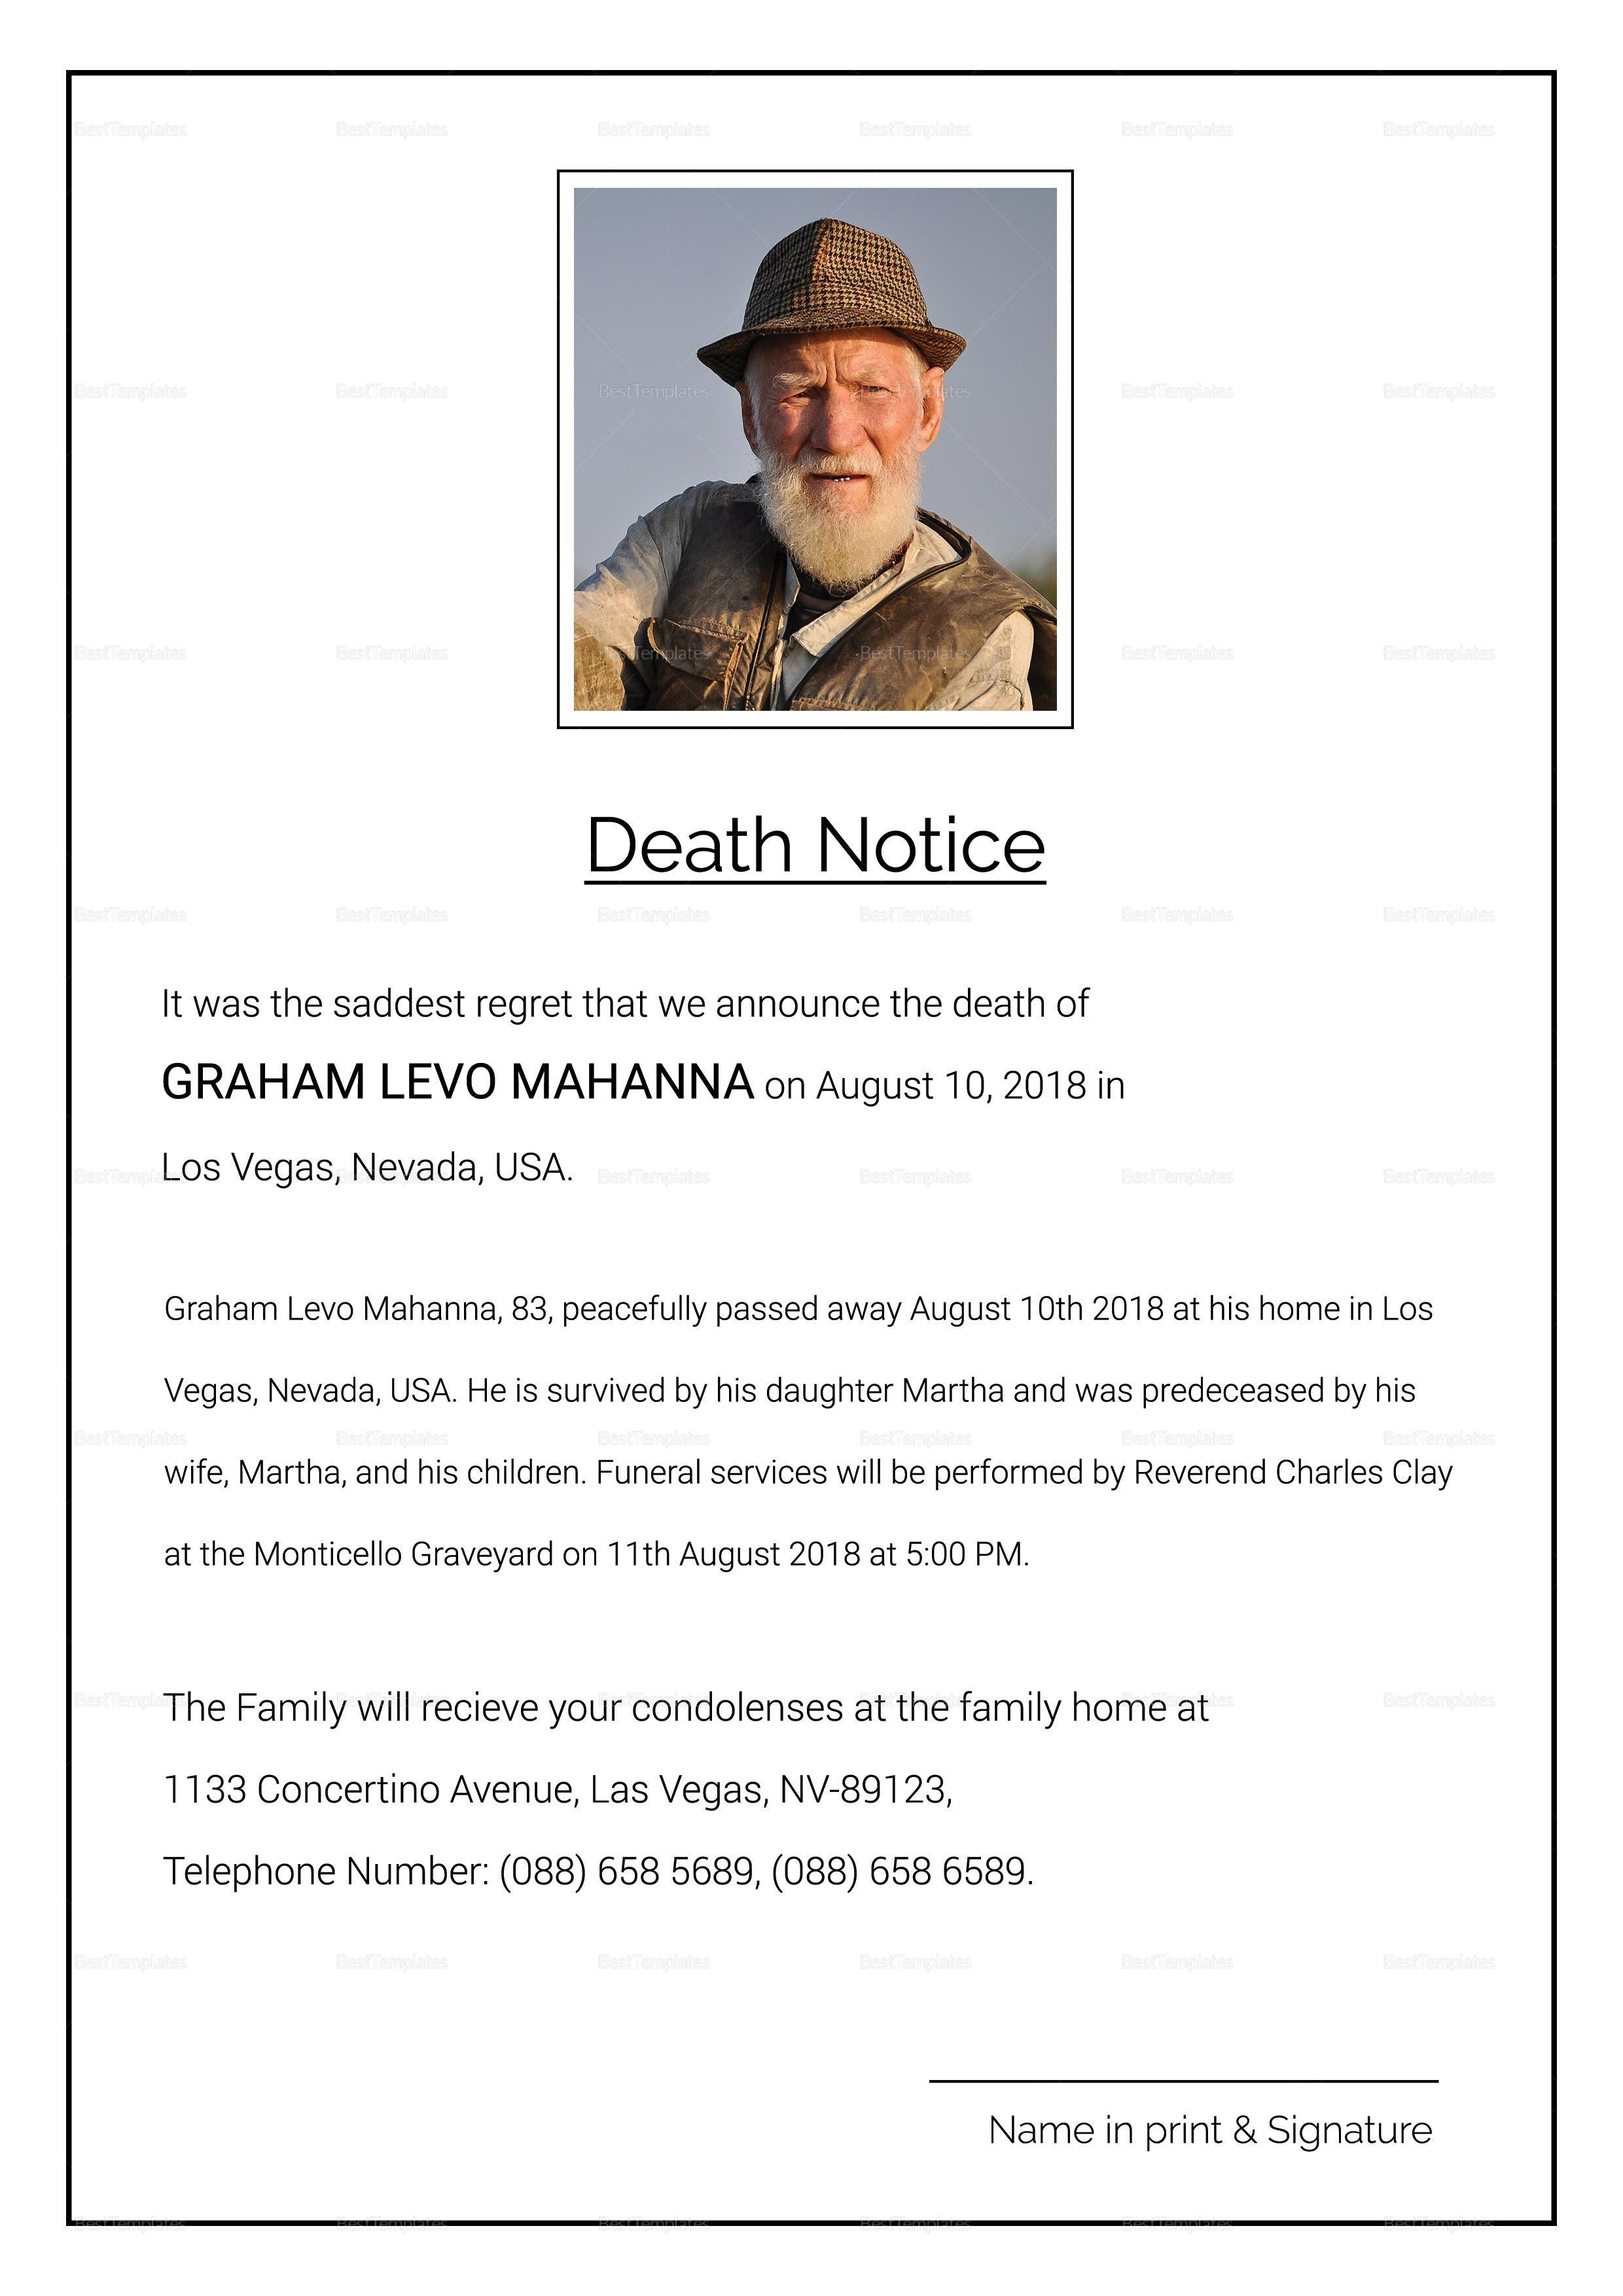 Premium Death Notice